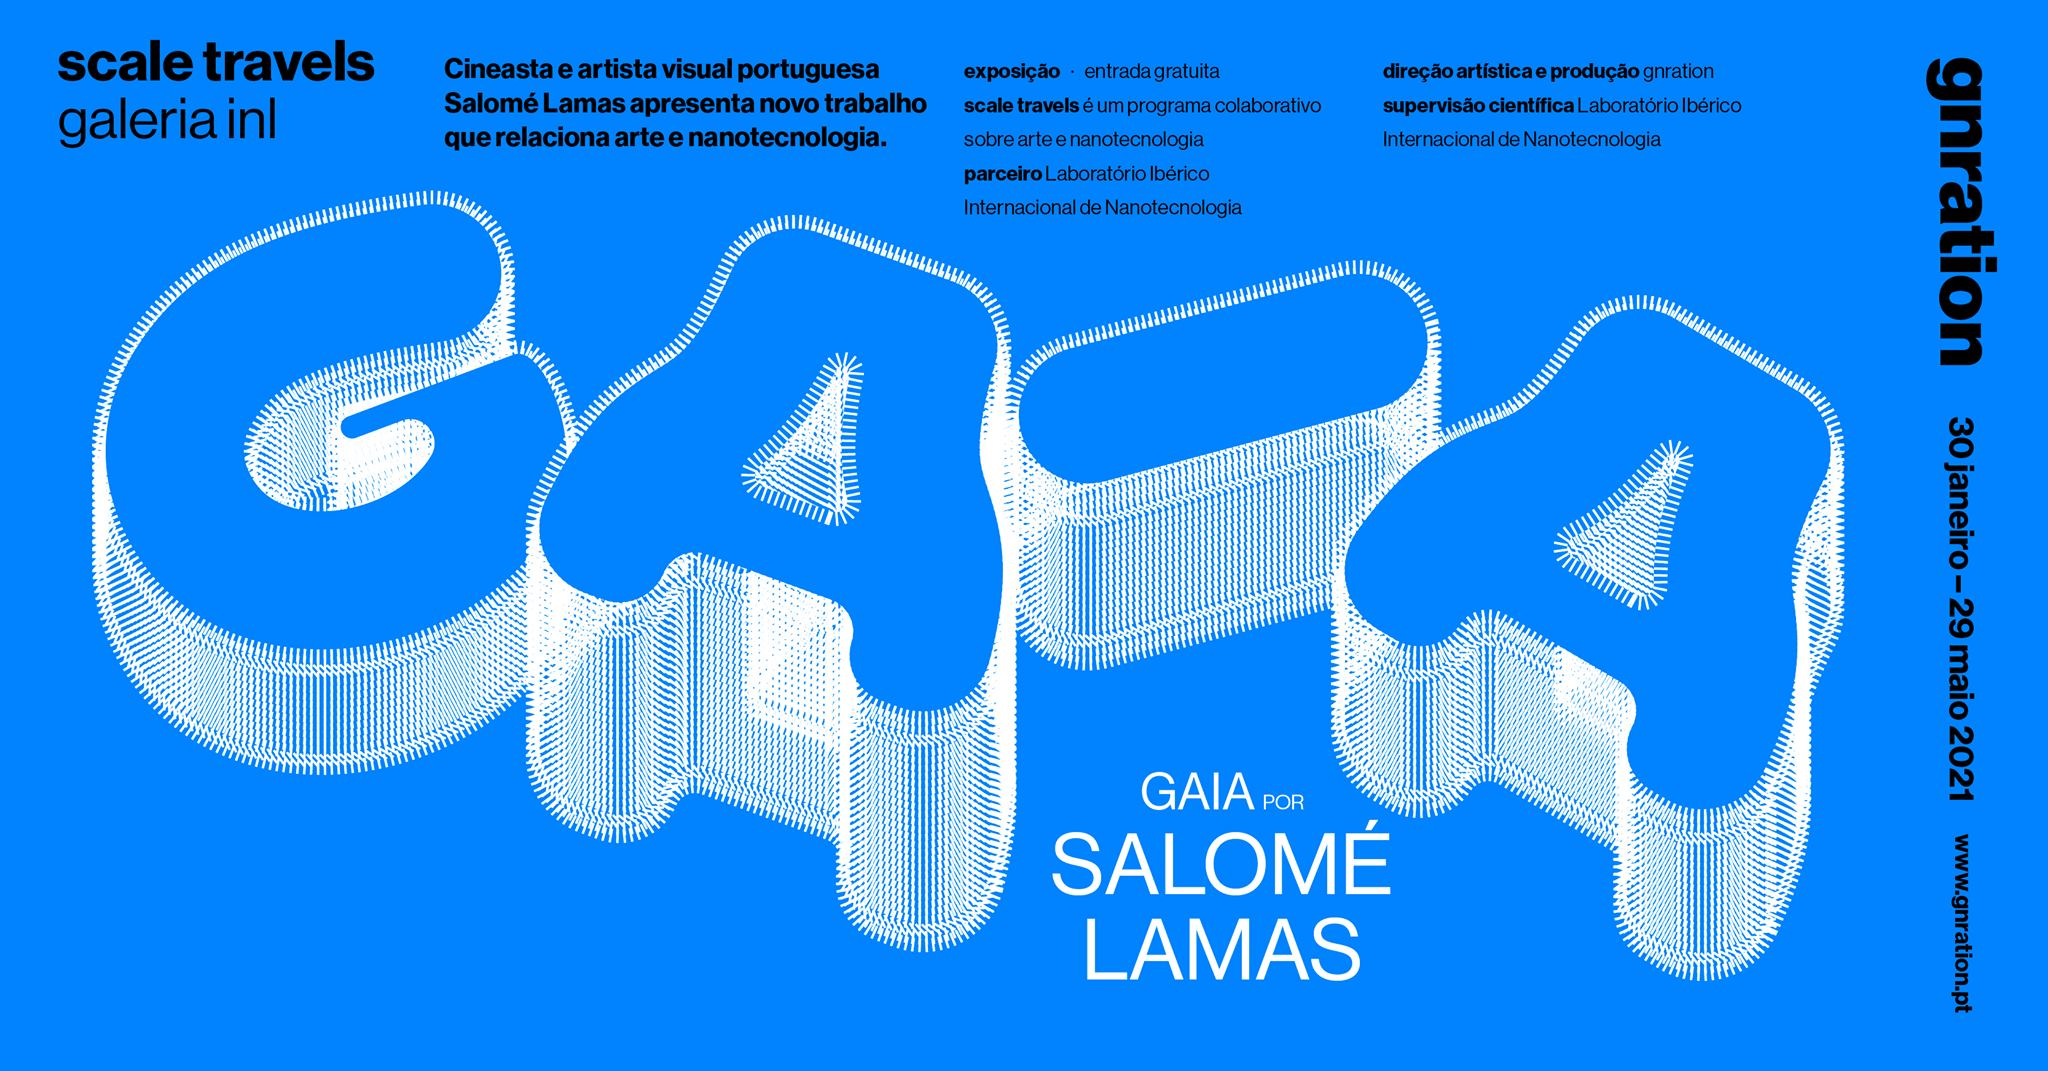 Scale Travels: Gaia, por Salomé Lamas  [exposição]   gnration